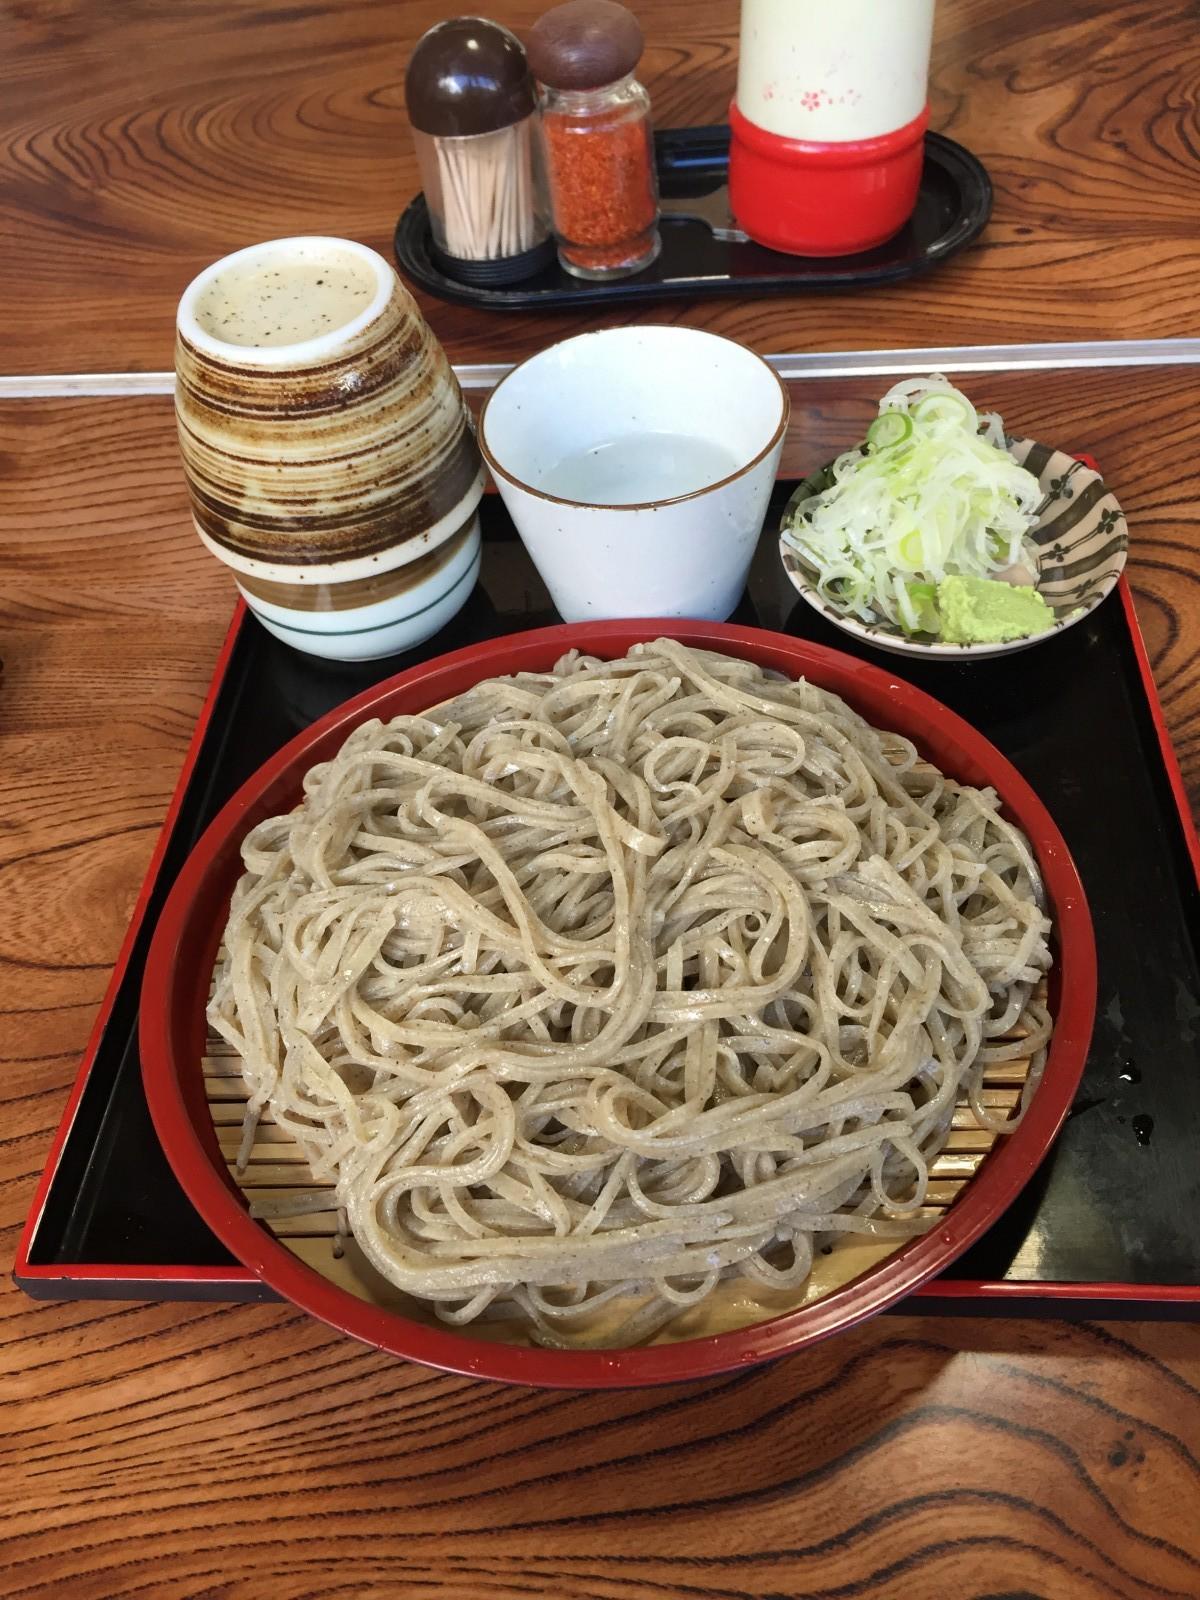 テツの食卓25 岩本屋(栃木県栃木市)